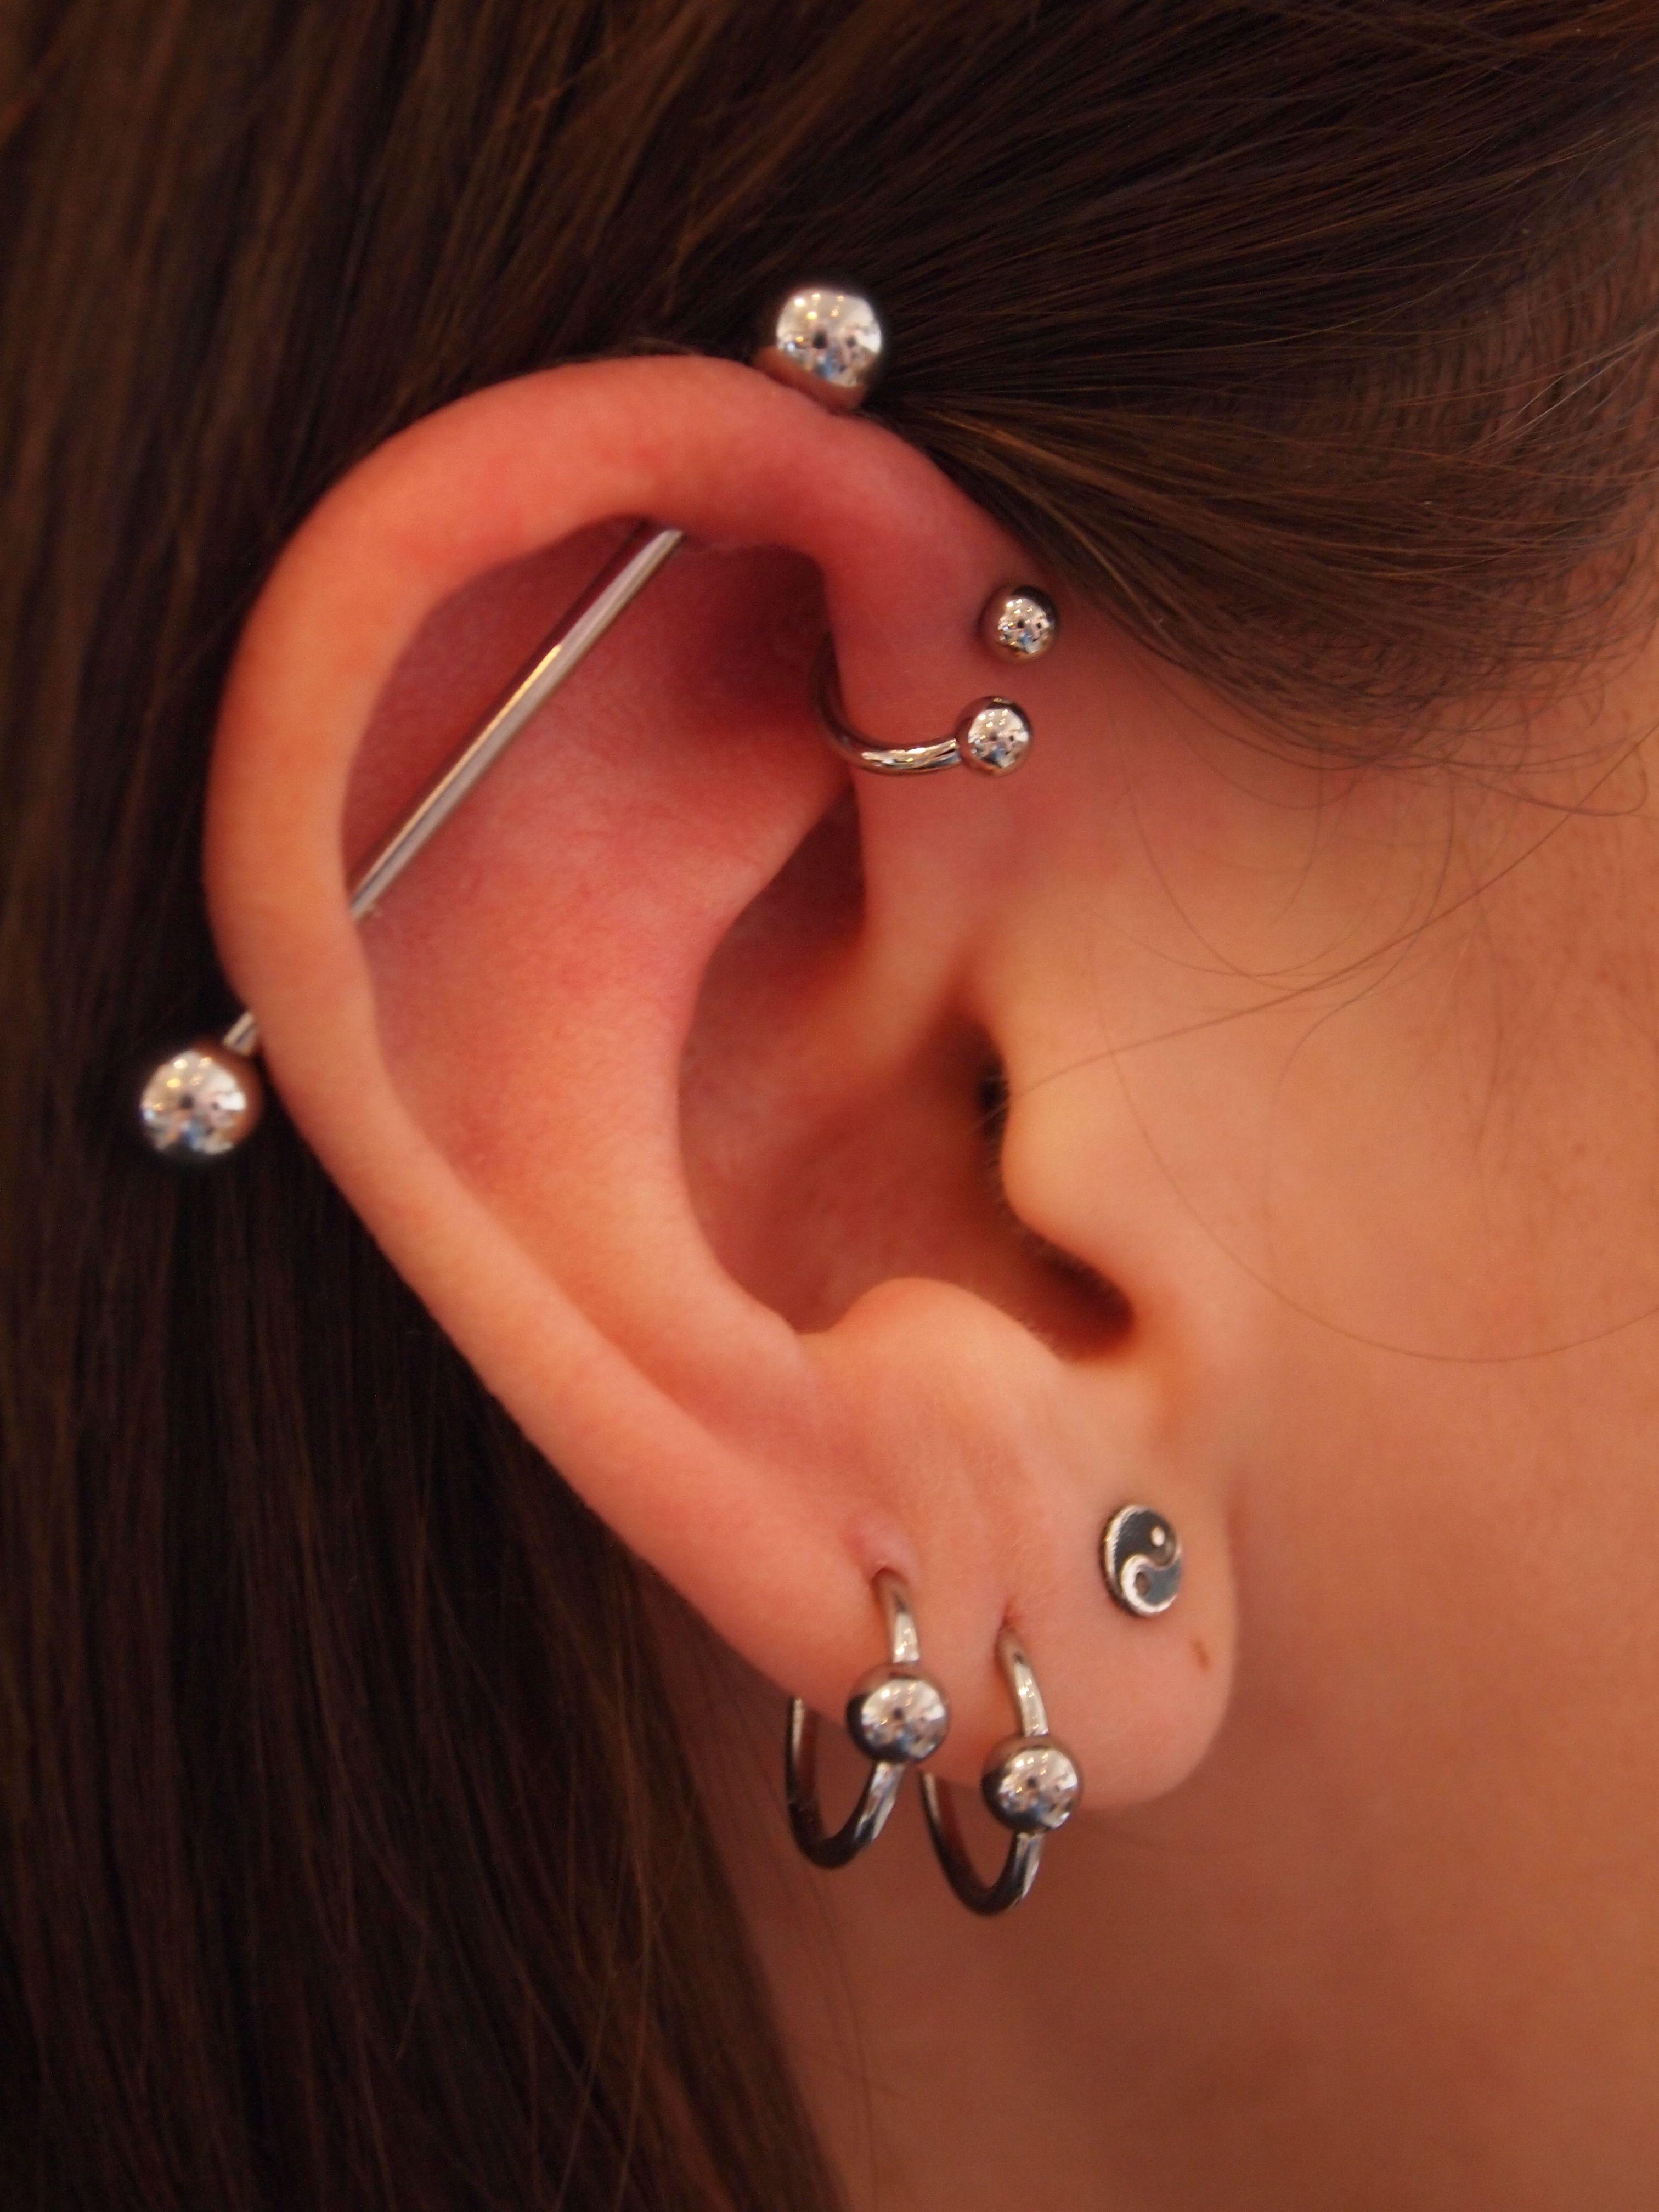 Industrial Bar Forward Helix Triple Lobe Earings Piercings Ear Jewelry Piercing Jewelry